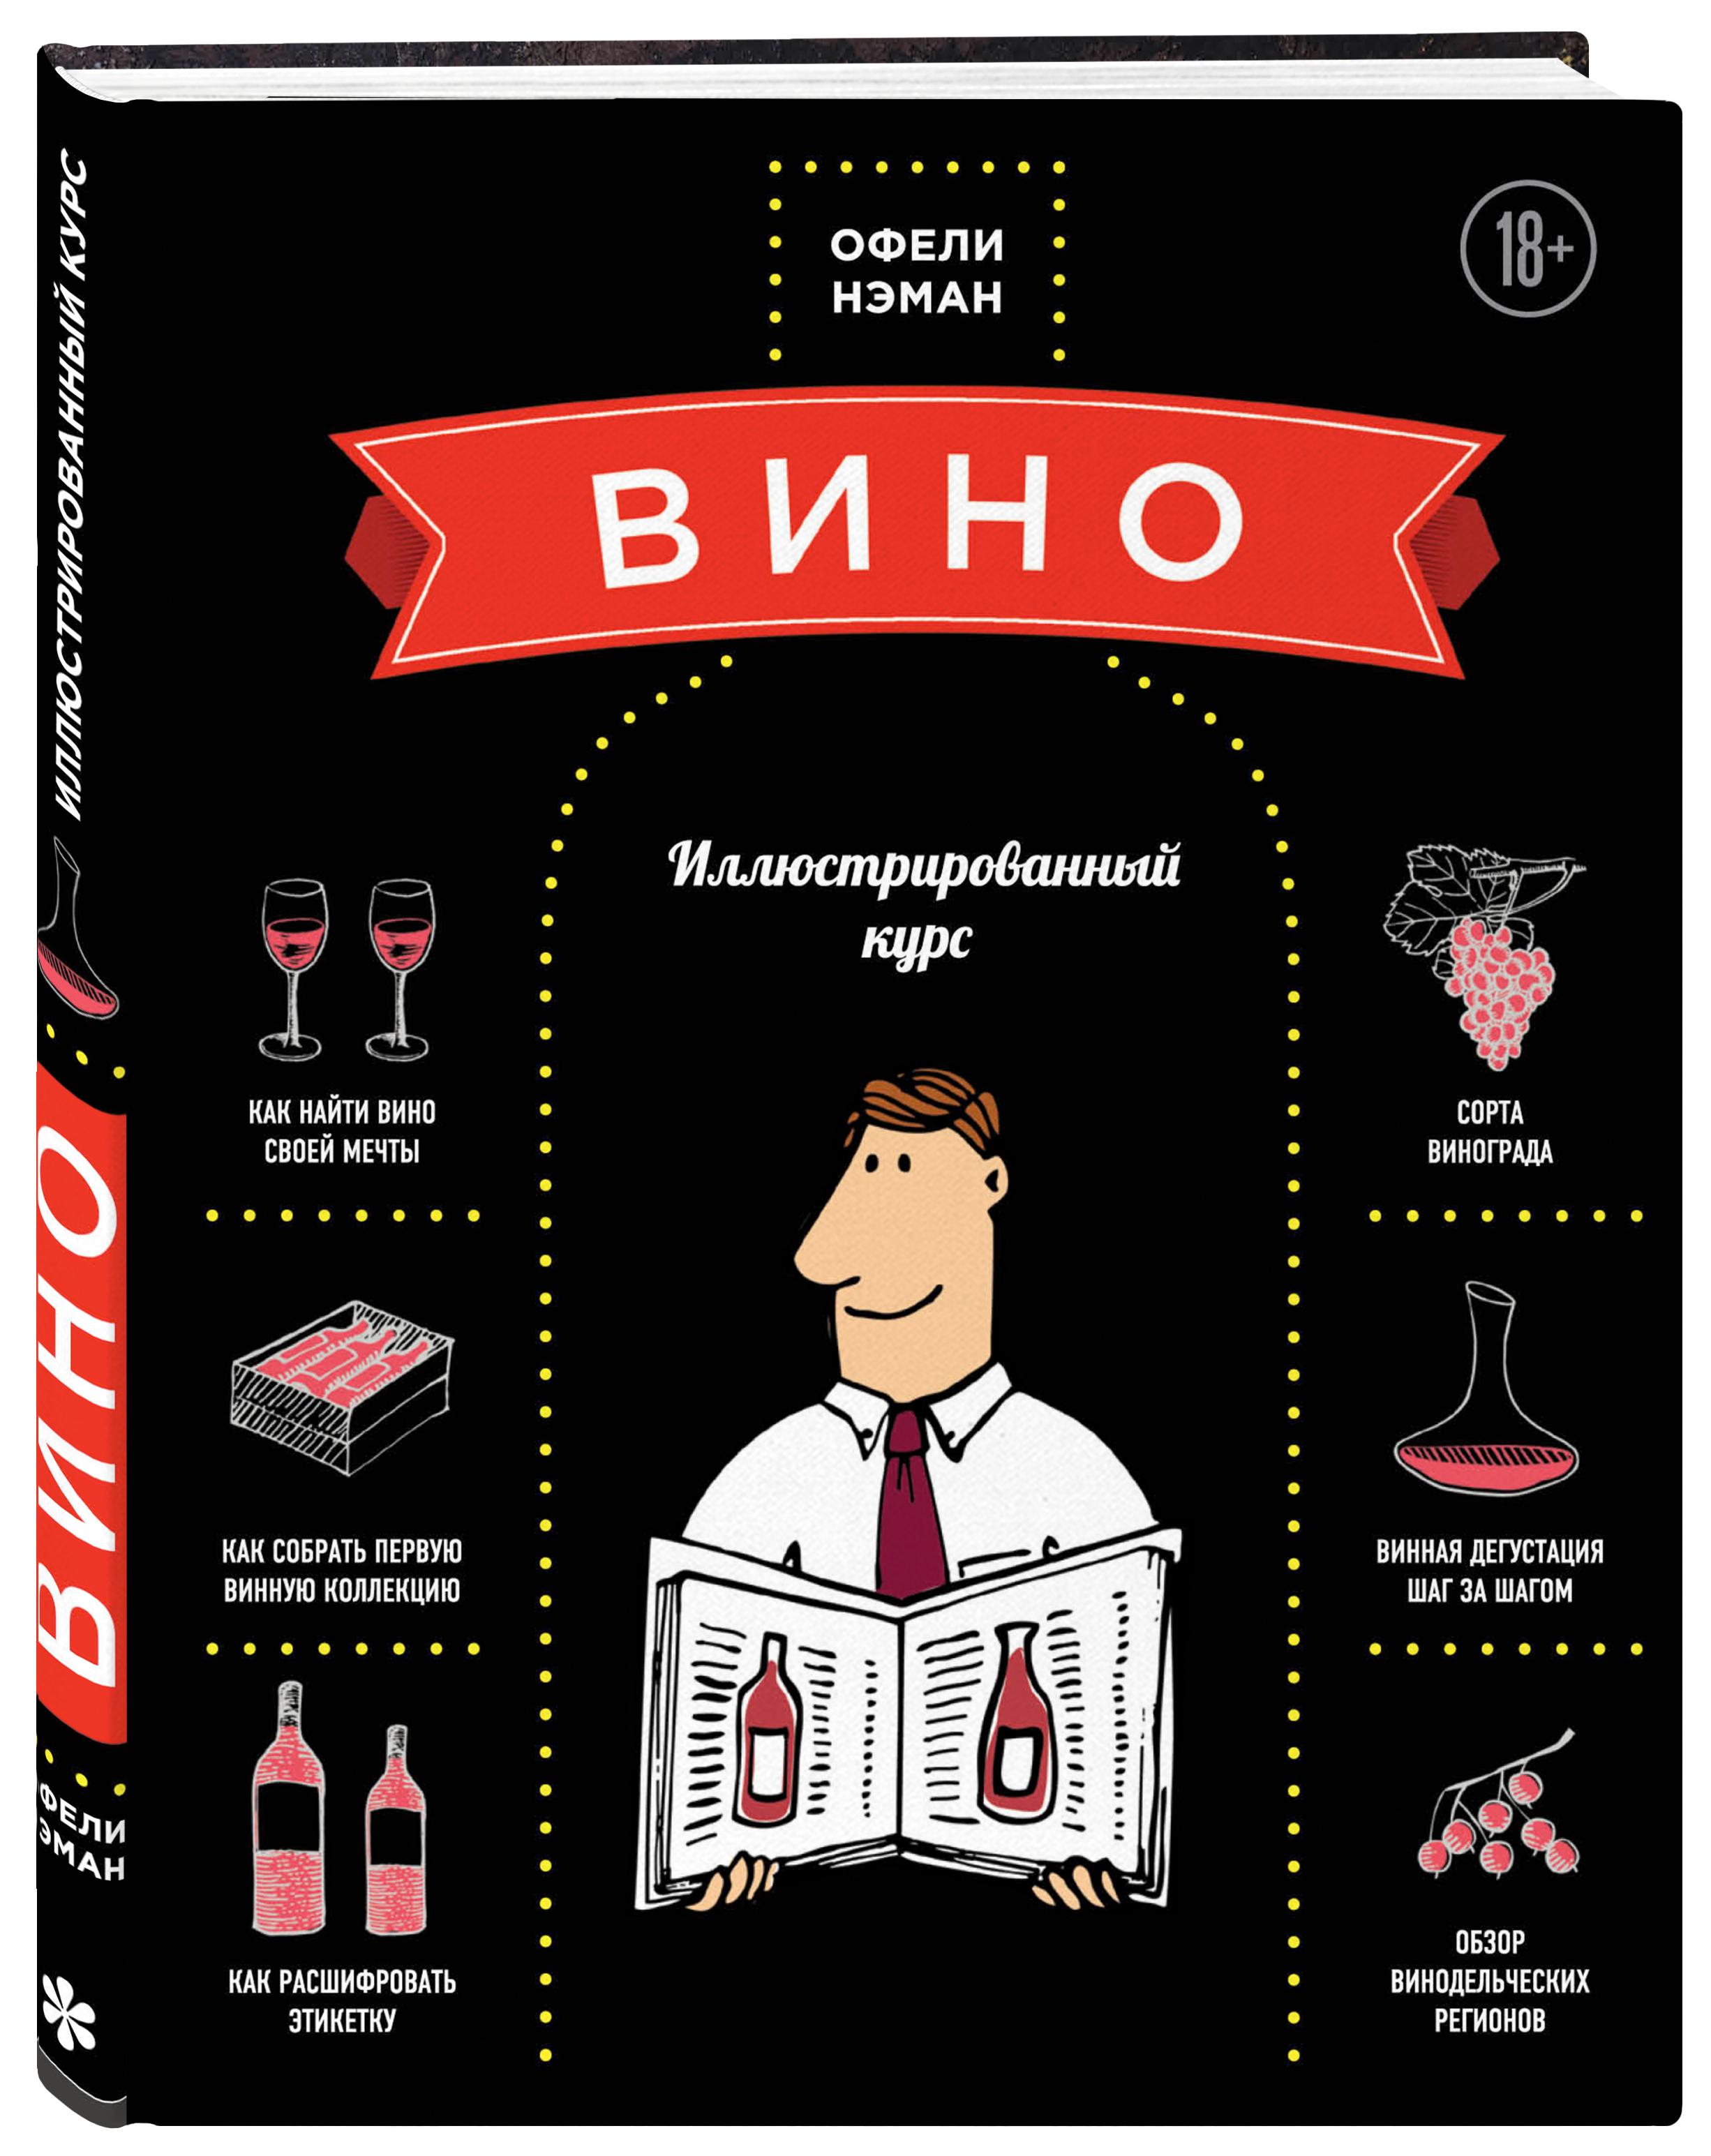 Нэман О. Вино. Иллюстрированный курс крымское вино в тюмени